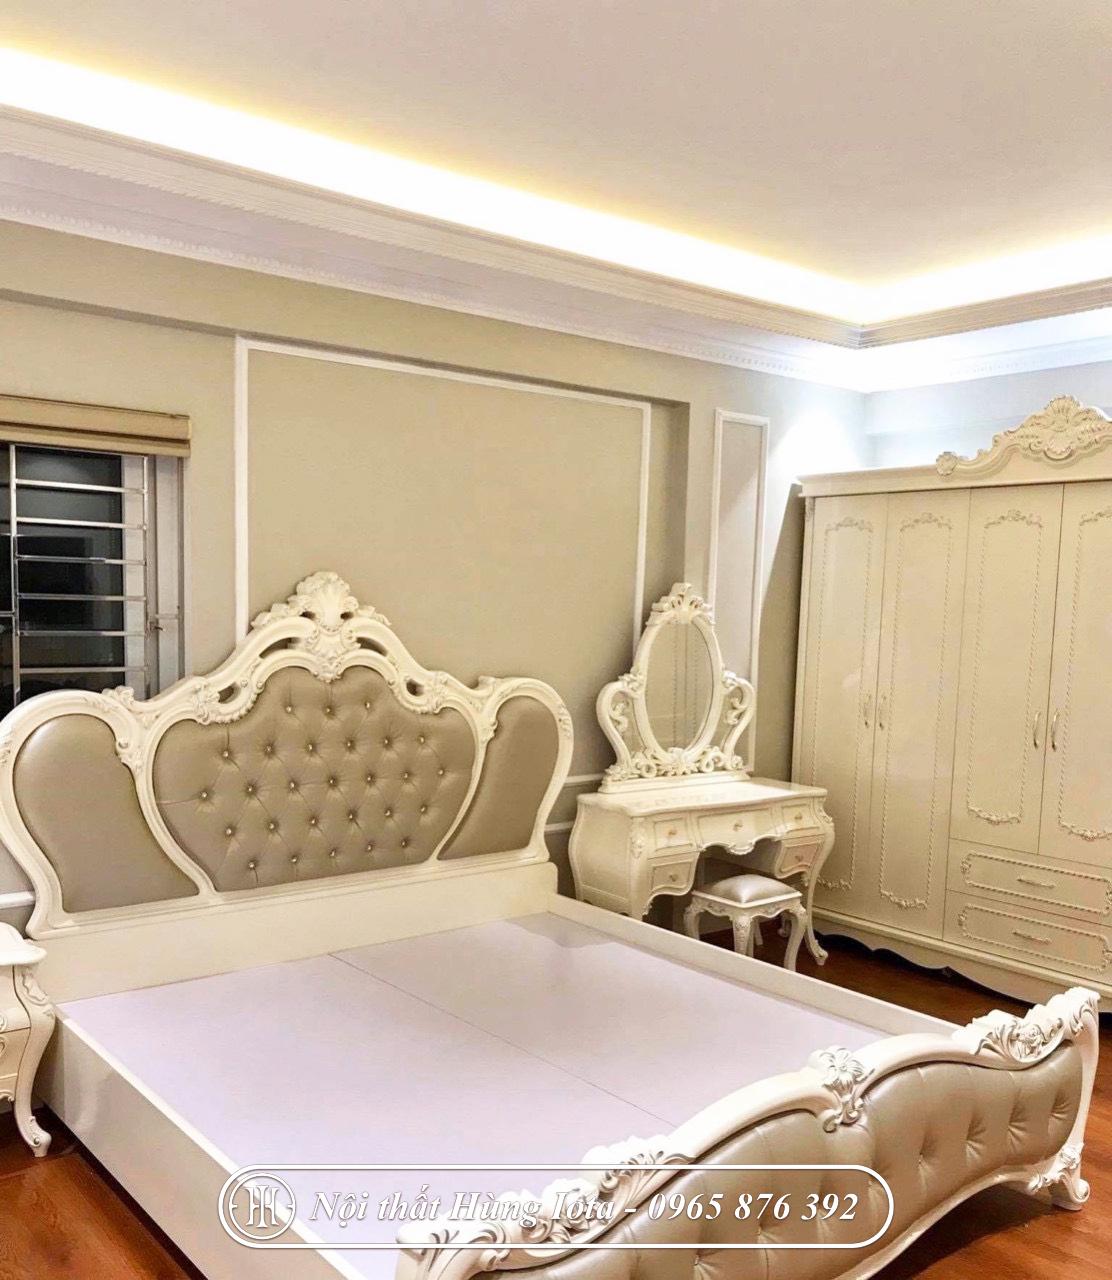 Giường ngủ cổ điển màu vàng trắng giá rẻ đẹp tại xưởng sản xuất